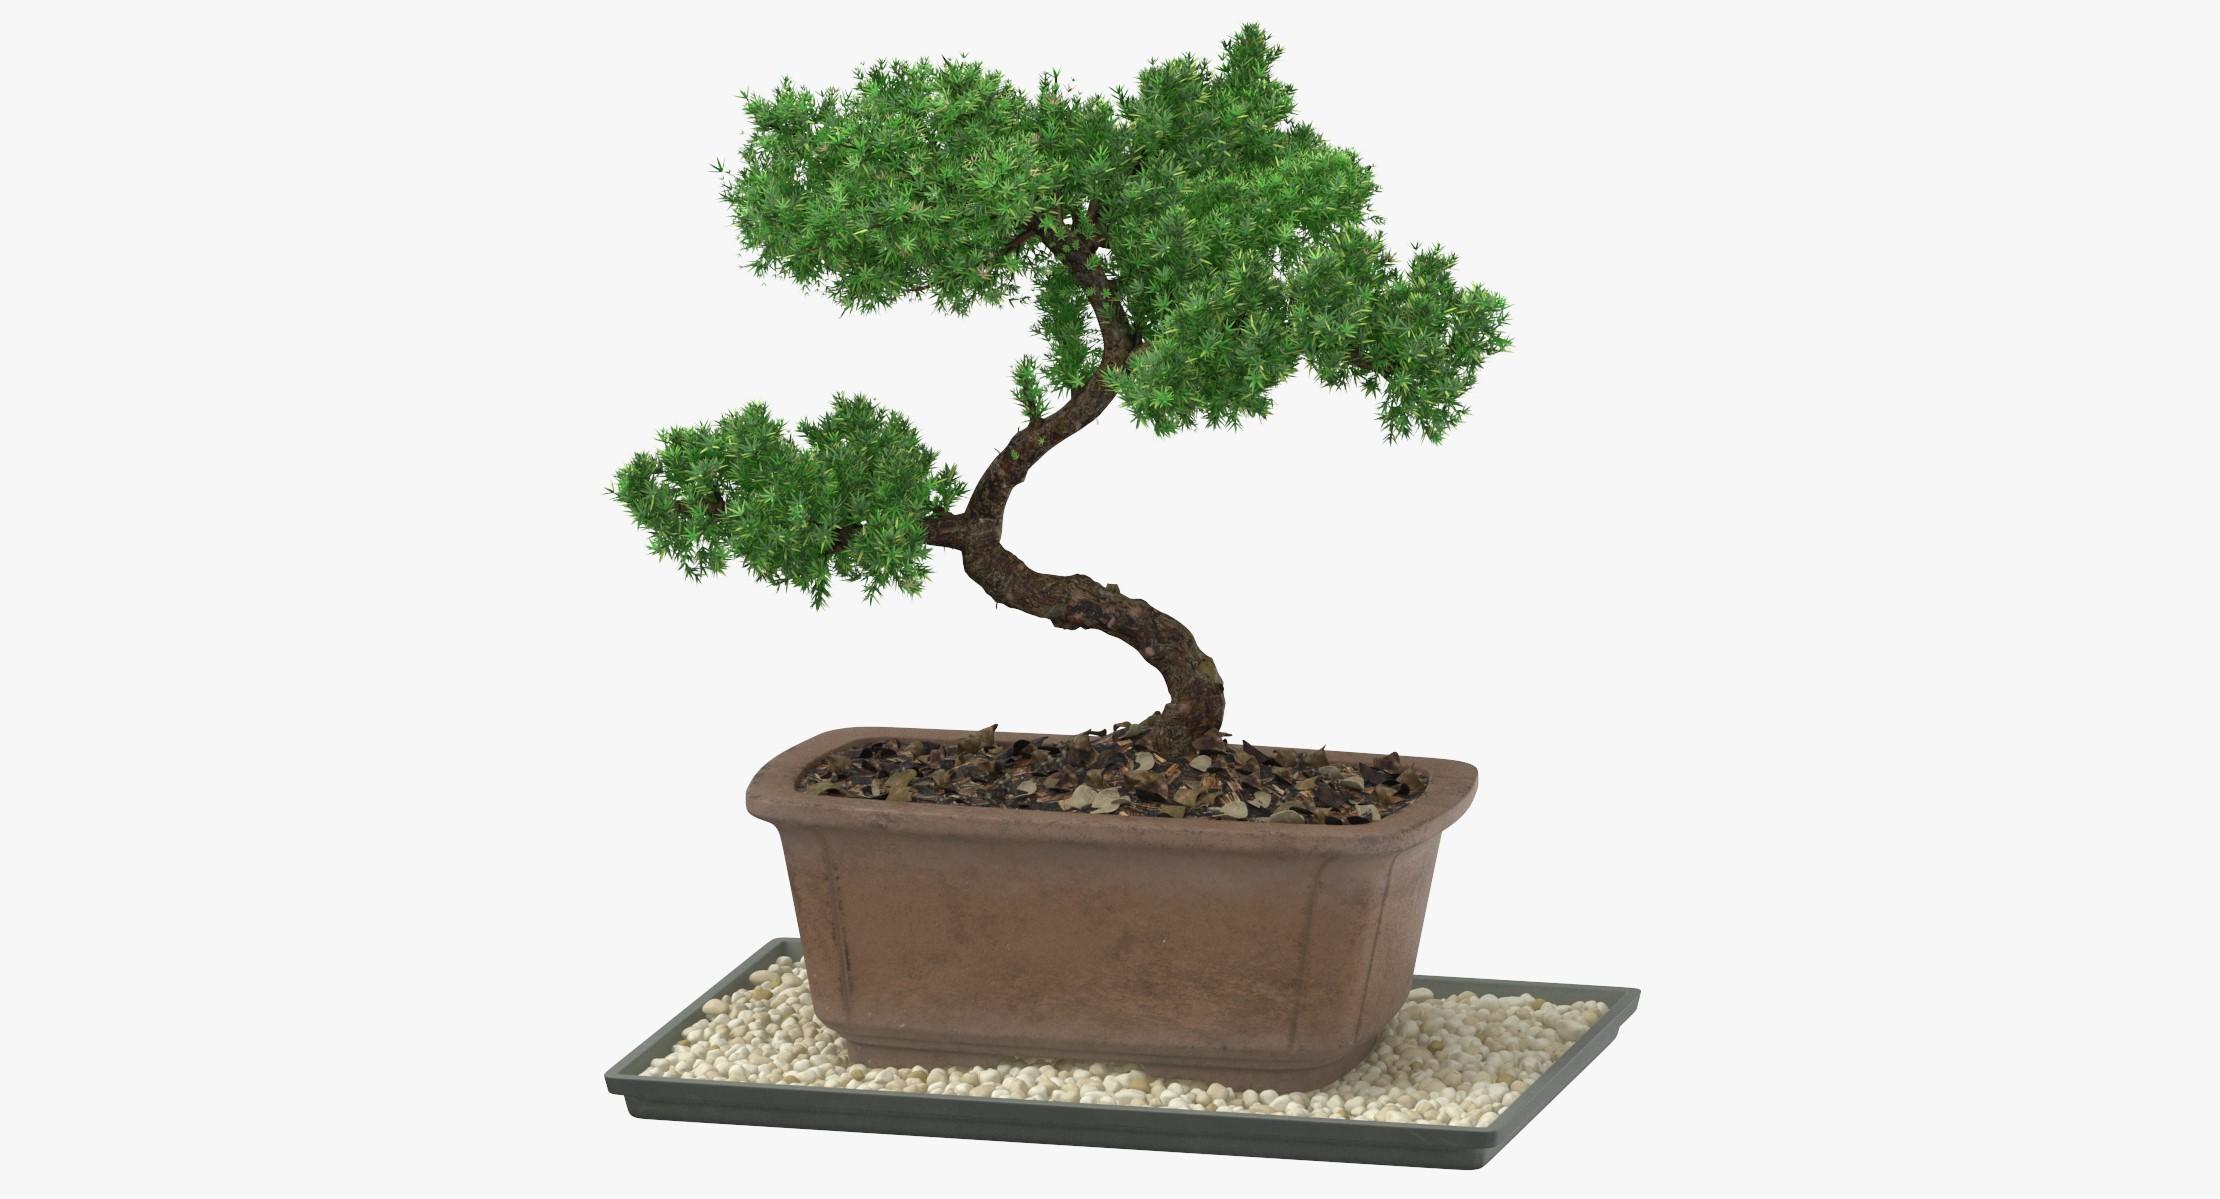 Les compétences requises pour faire pousser ces arbres jouent un rôle énorme dans leur valeur.